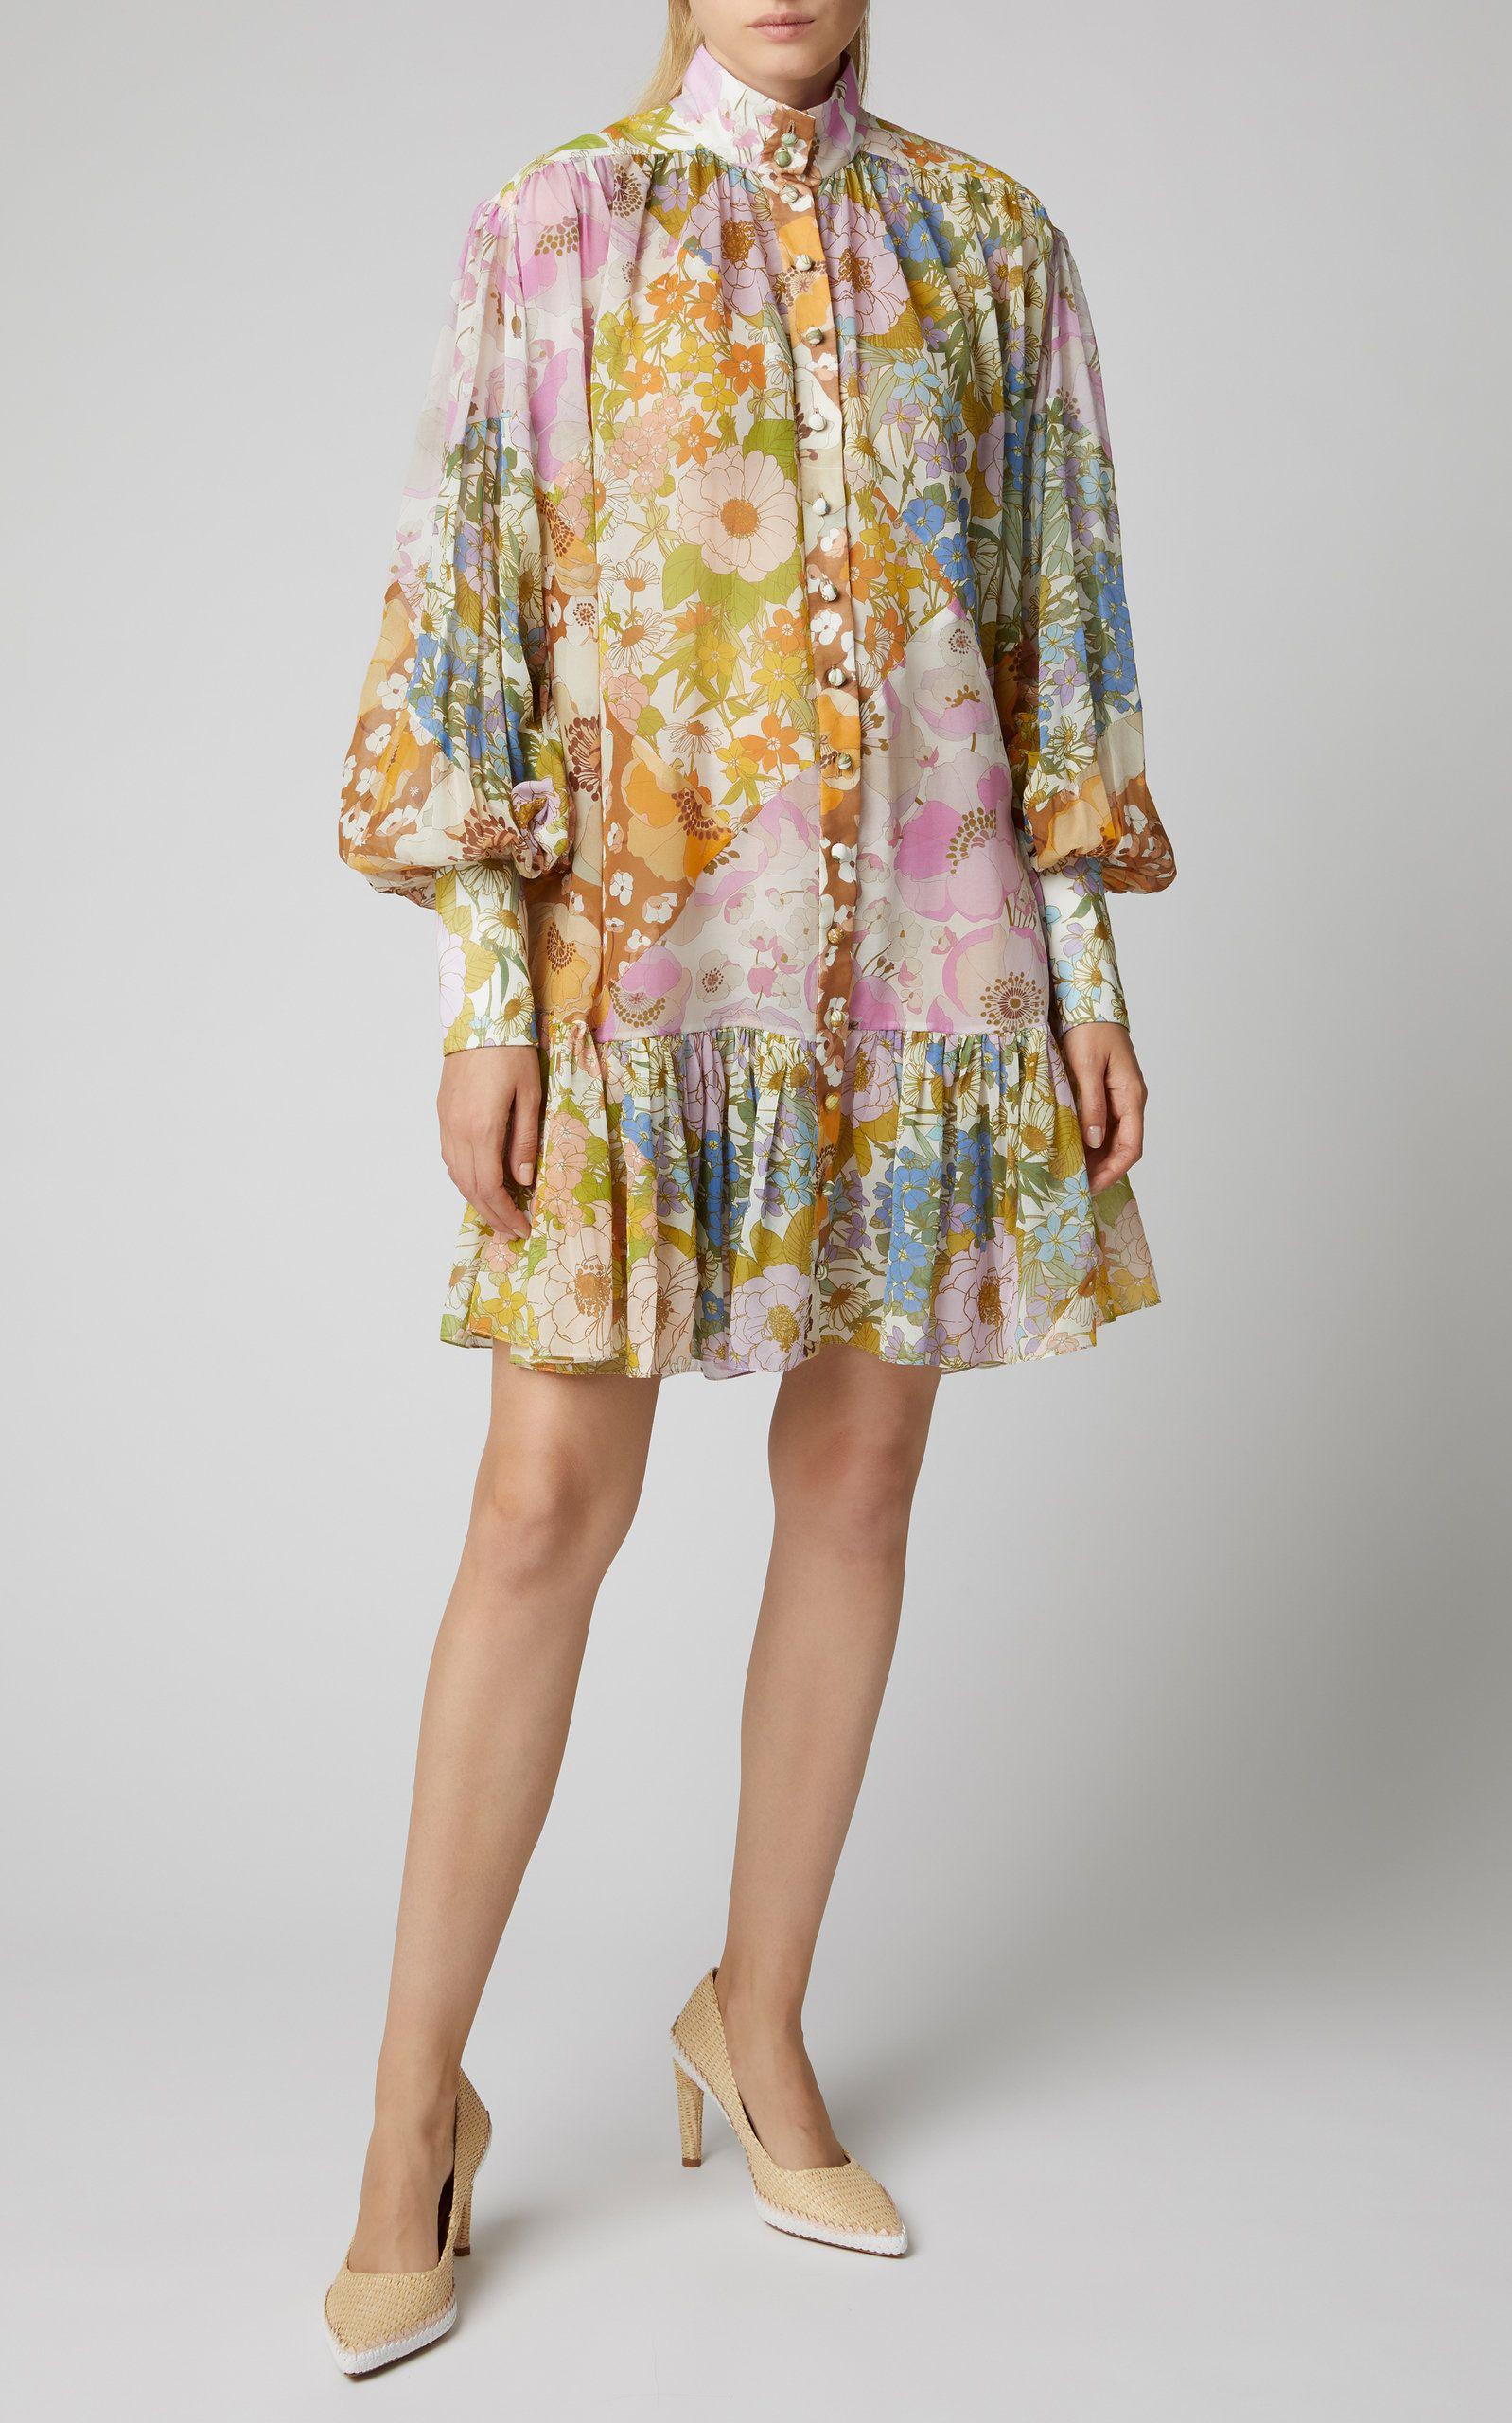 Zimmermann Floral Print Silk Chiffon Mini Dress Floral Print Dress Outfit Fashion Printed Dress Outfit [ 2560 x 1598 Pixel ]